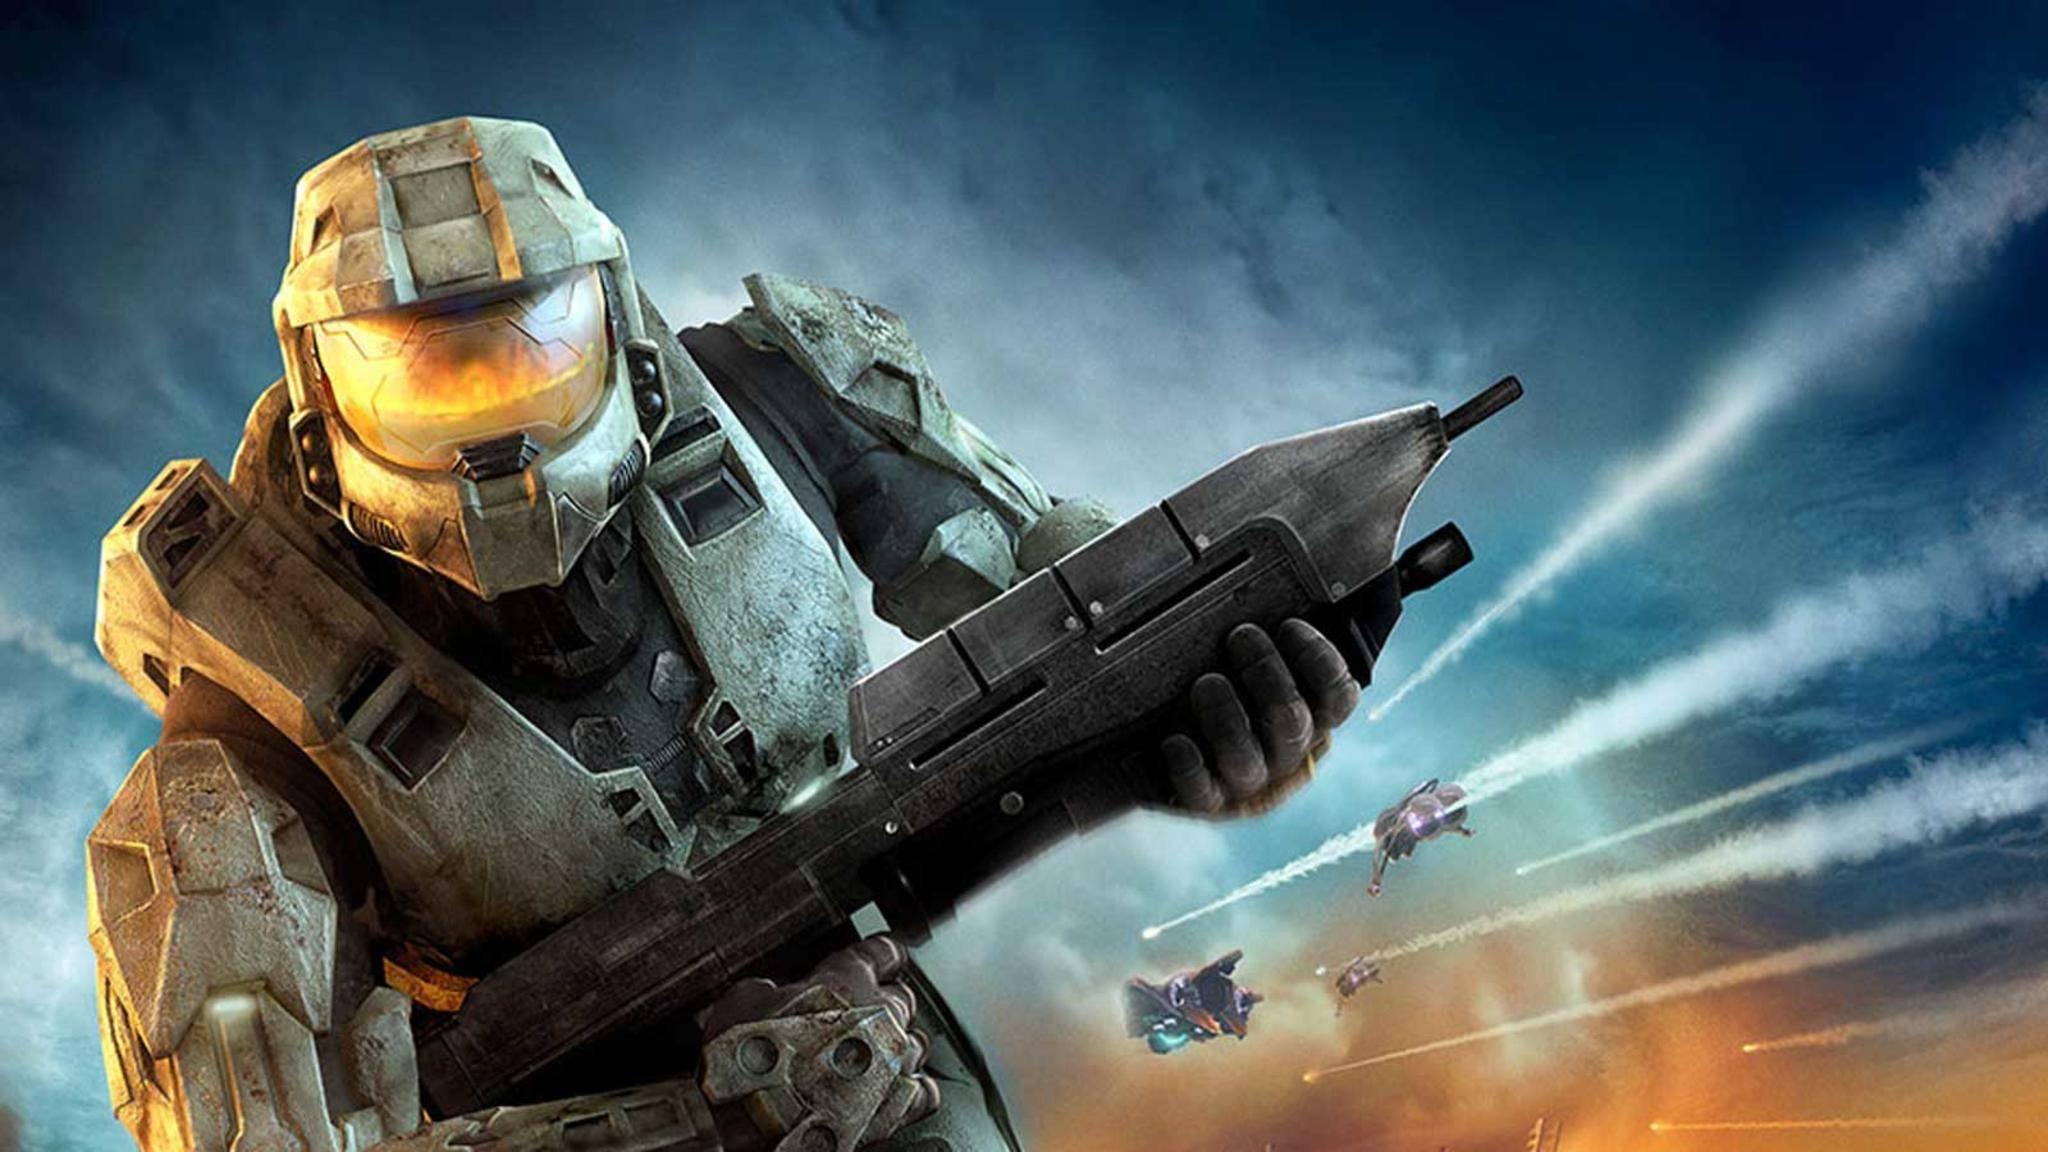 Alle Xbox-Exklusivtitel sind zukünftig im Xbox Game Pass enthalten – ab Release.